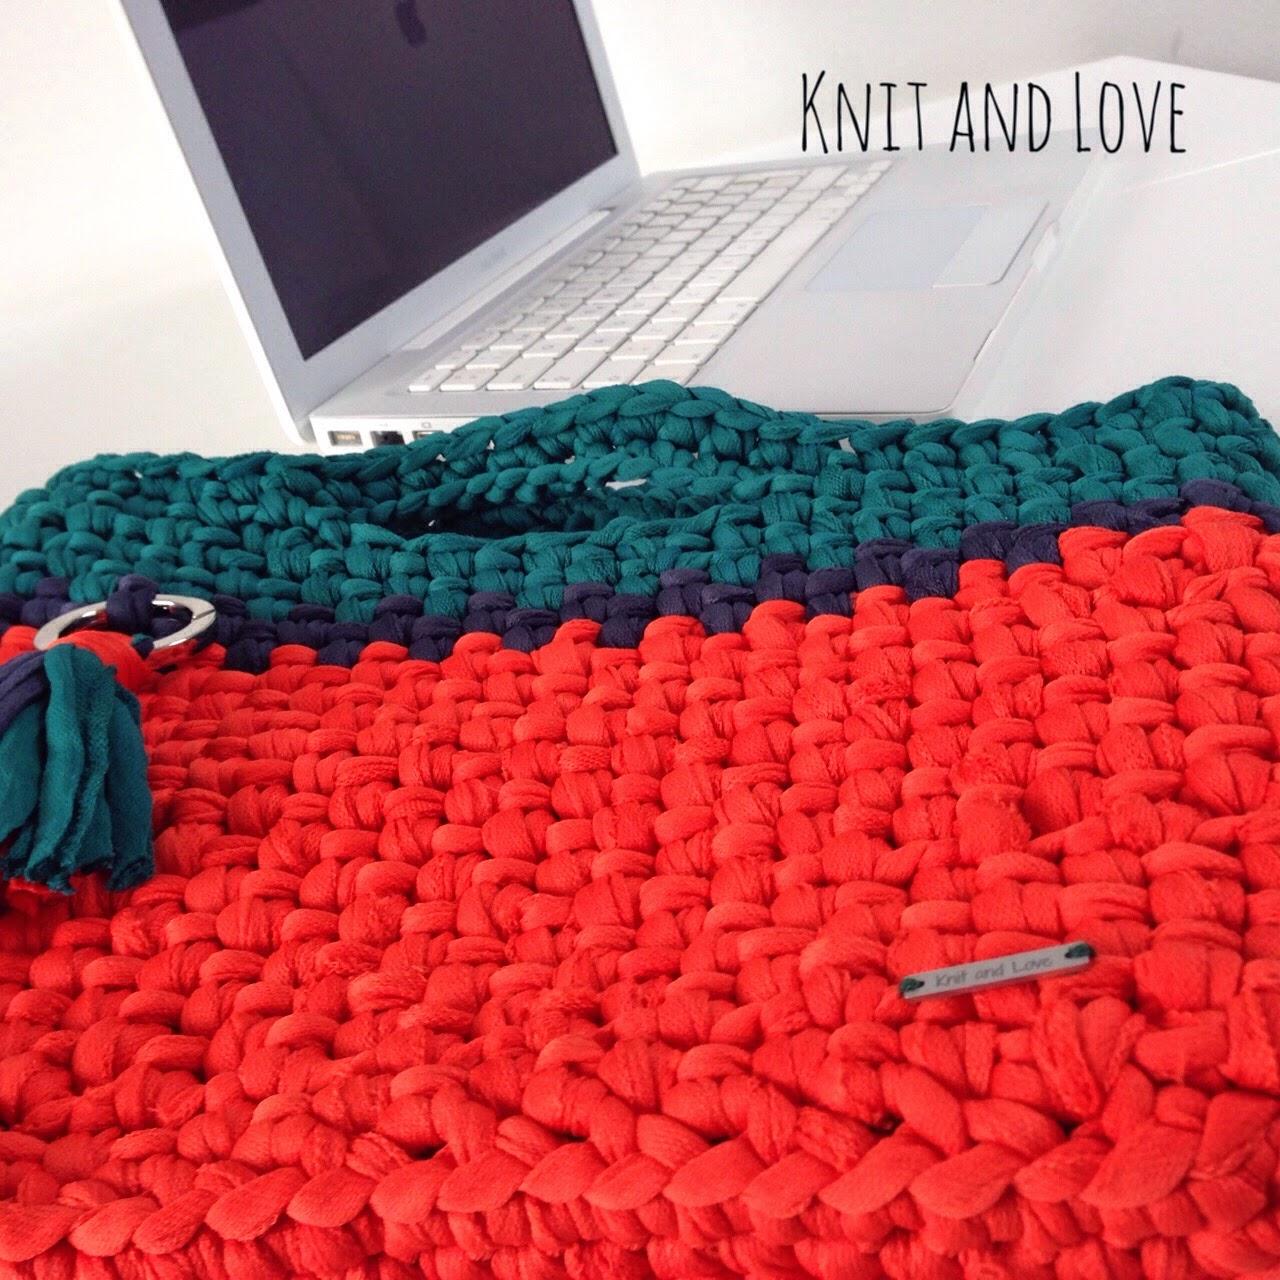 piel archivos - Página 3 de 8 - Handbox Craft Lovers   Comunidad DIY ...